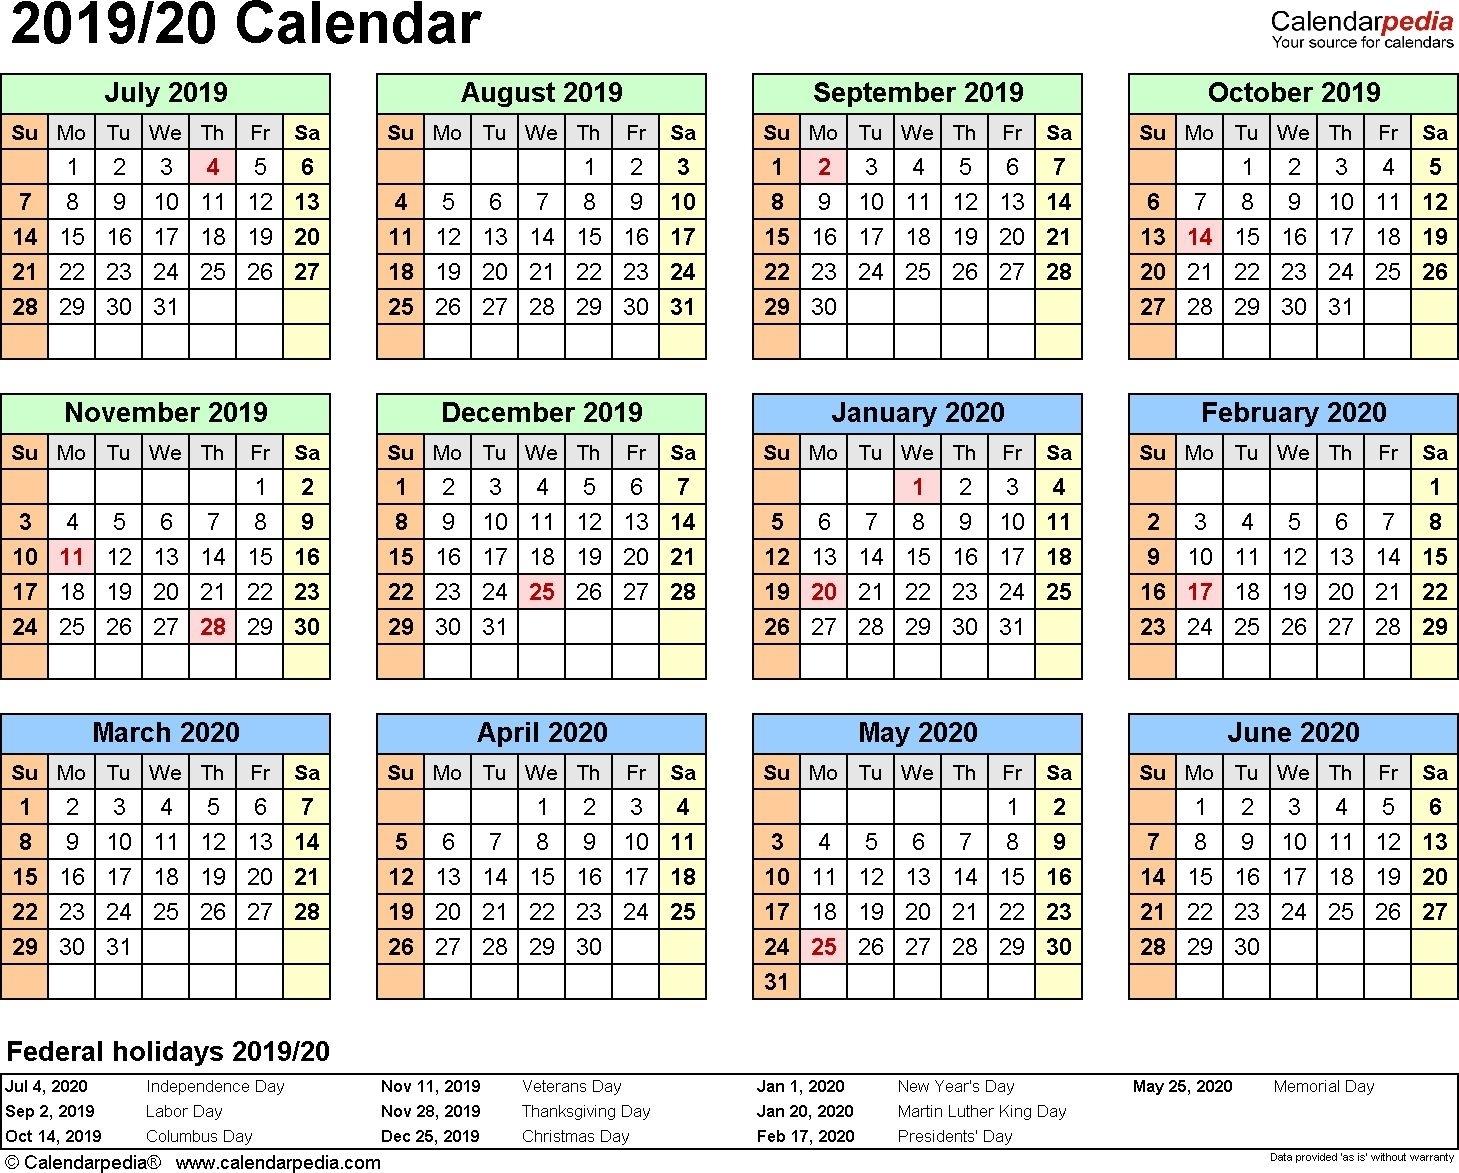 2019-2020 Fiscal Calendar 4 4 5 | Calendar Template Calendar 4 4 5 Template